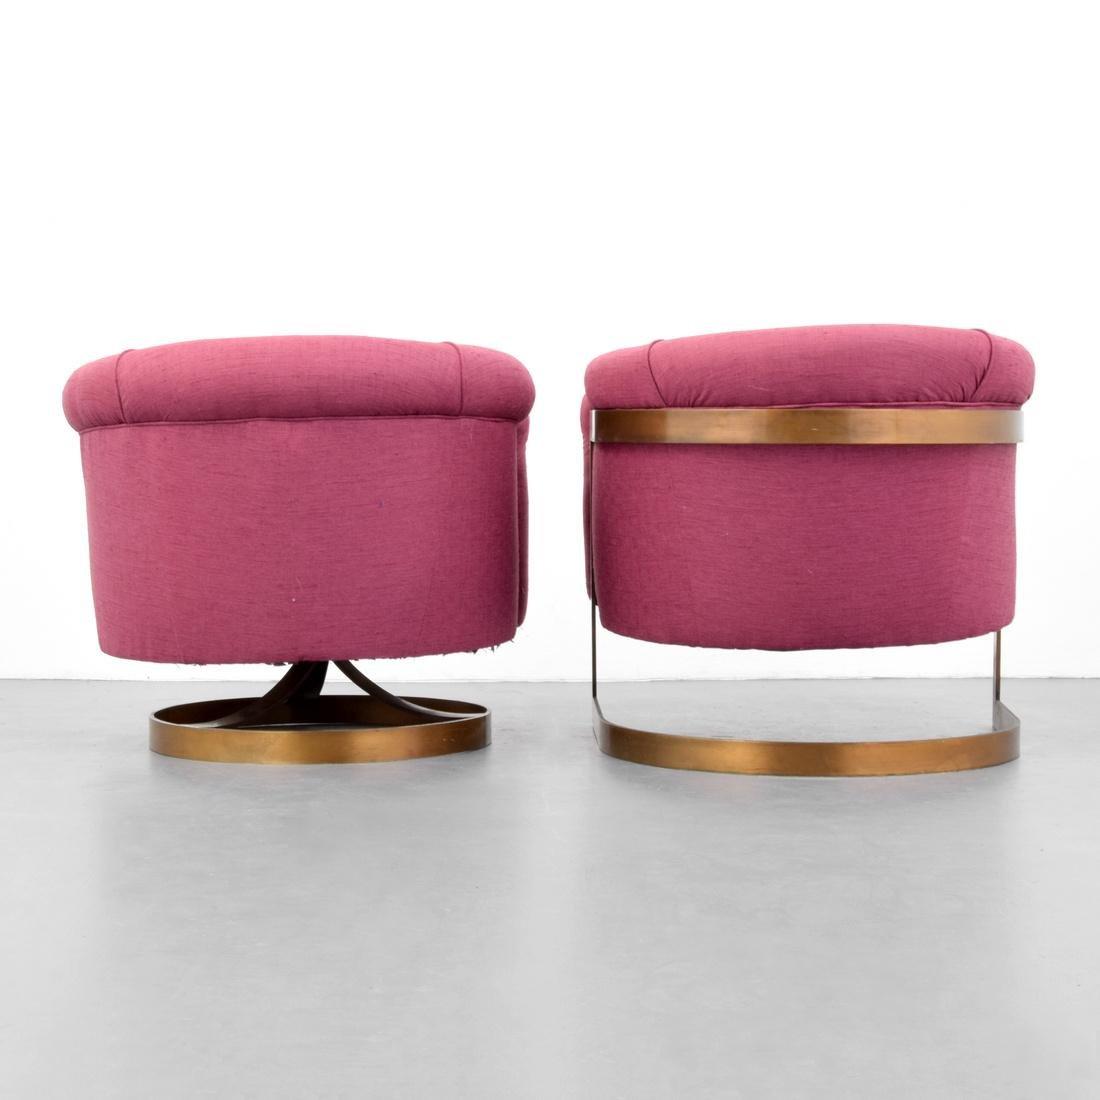 2 Milo Baughman Lounge Chairs - 2